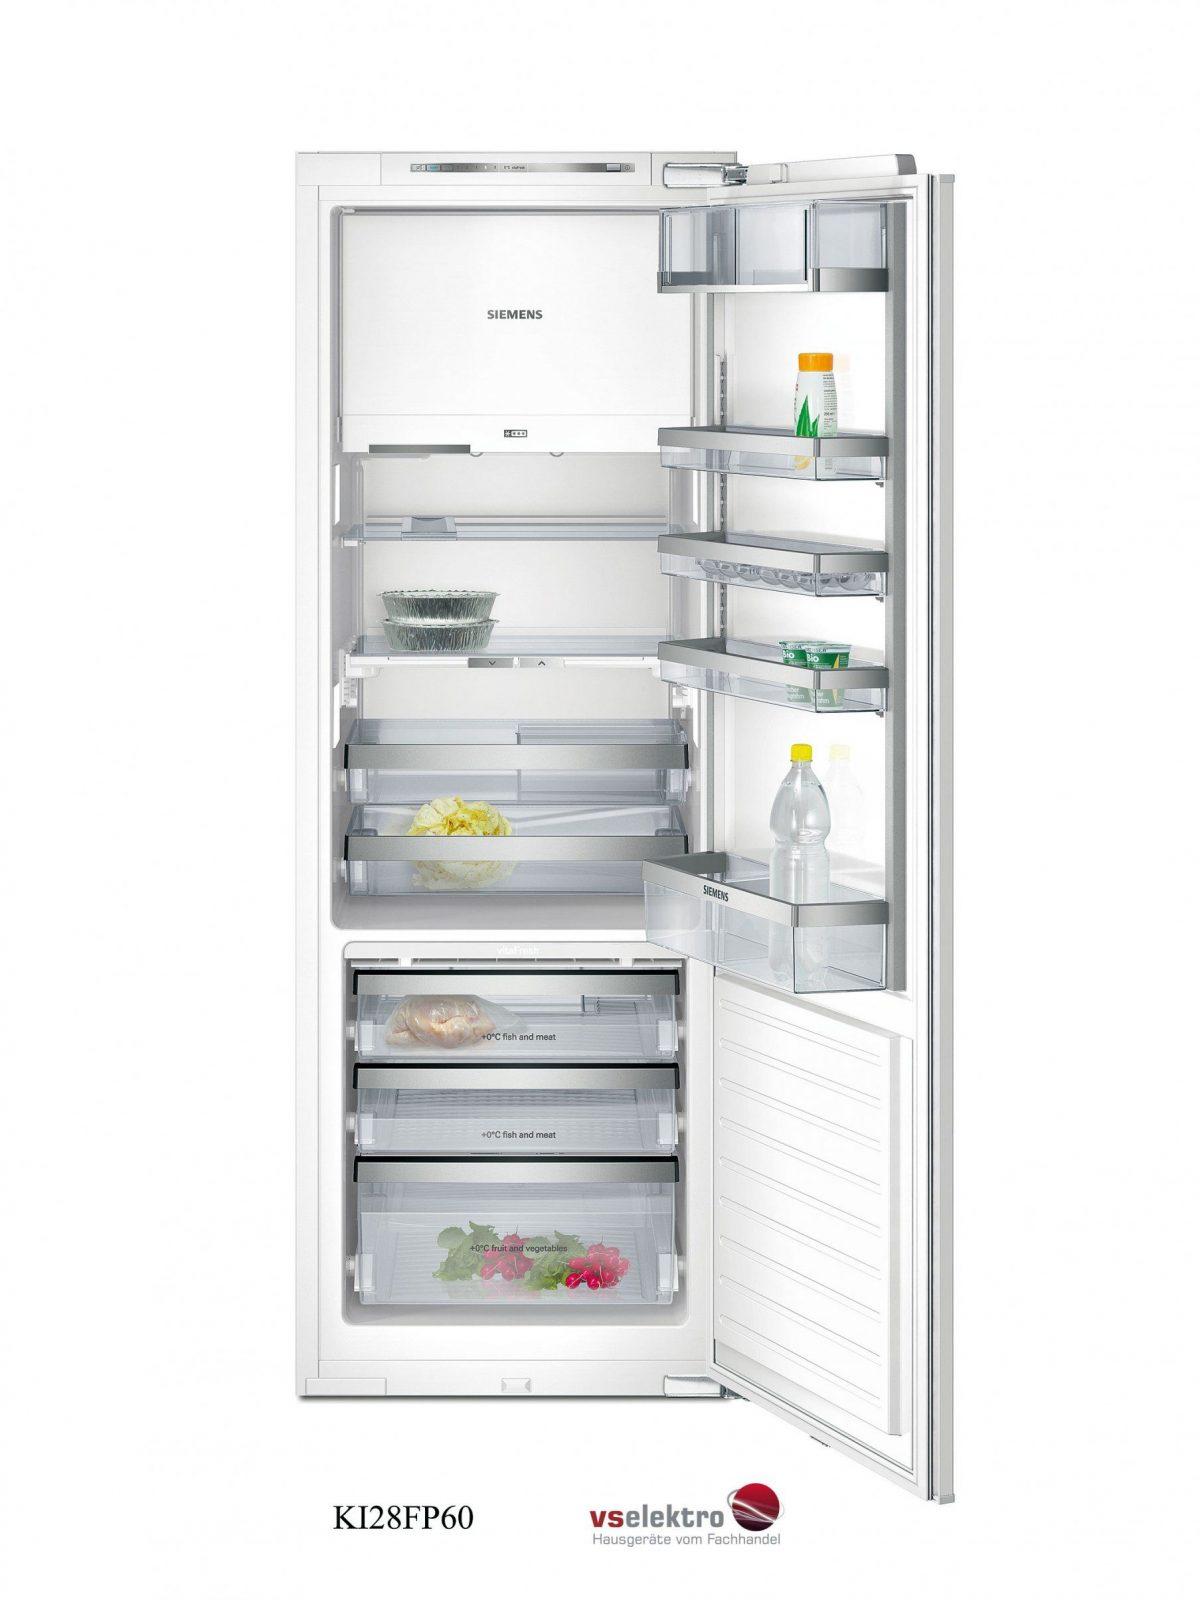 Kühlschrank 0 Grad Fach Kuche Kuhlschrank Hervorragend Sidetest von Ersatzteile Für Liebherr Kühlschrank Photo